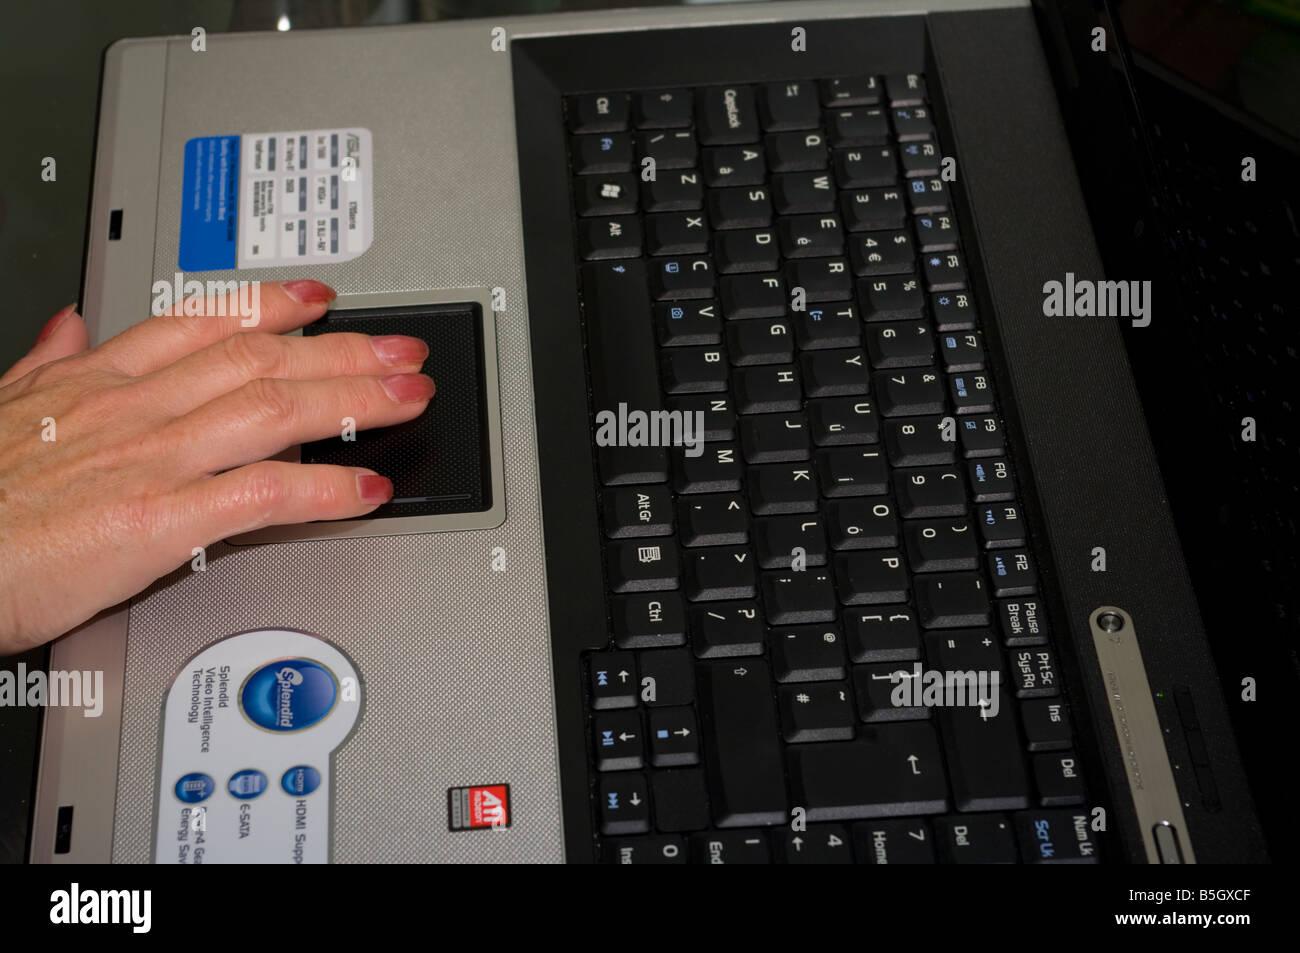 Persona Womans dedos mano usando el panel táctil de un ordenador portátil Imagen De Stock